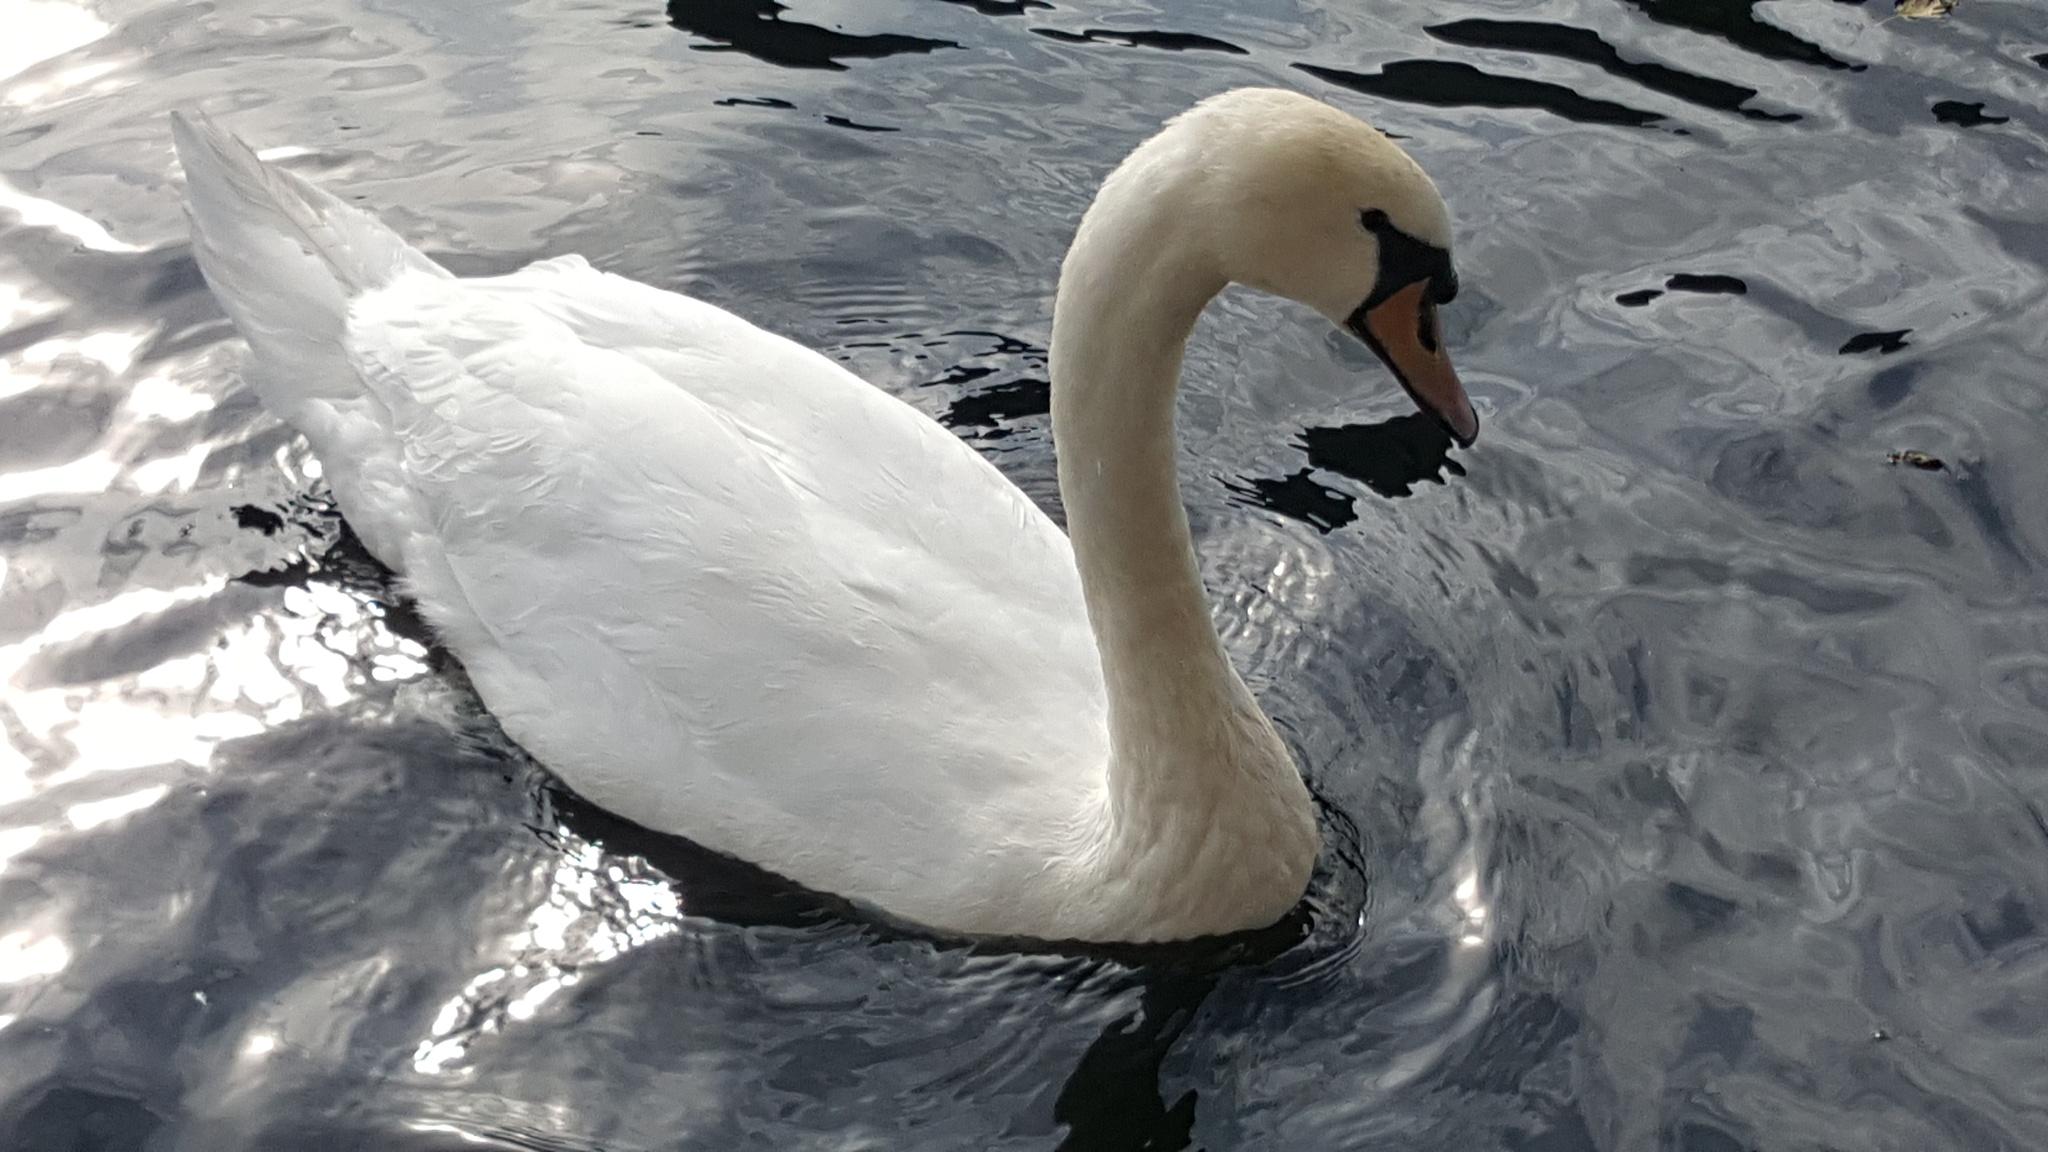 swan by shyelee moore